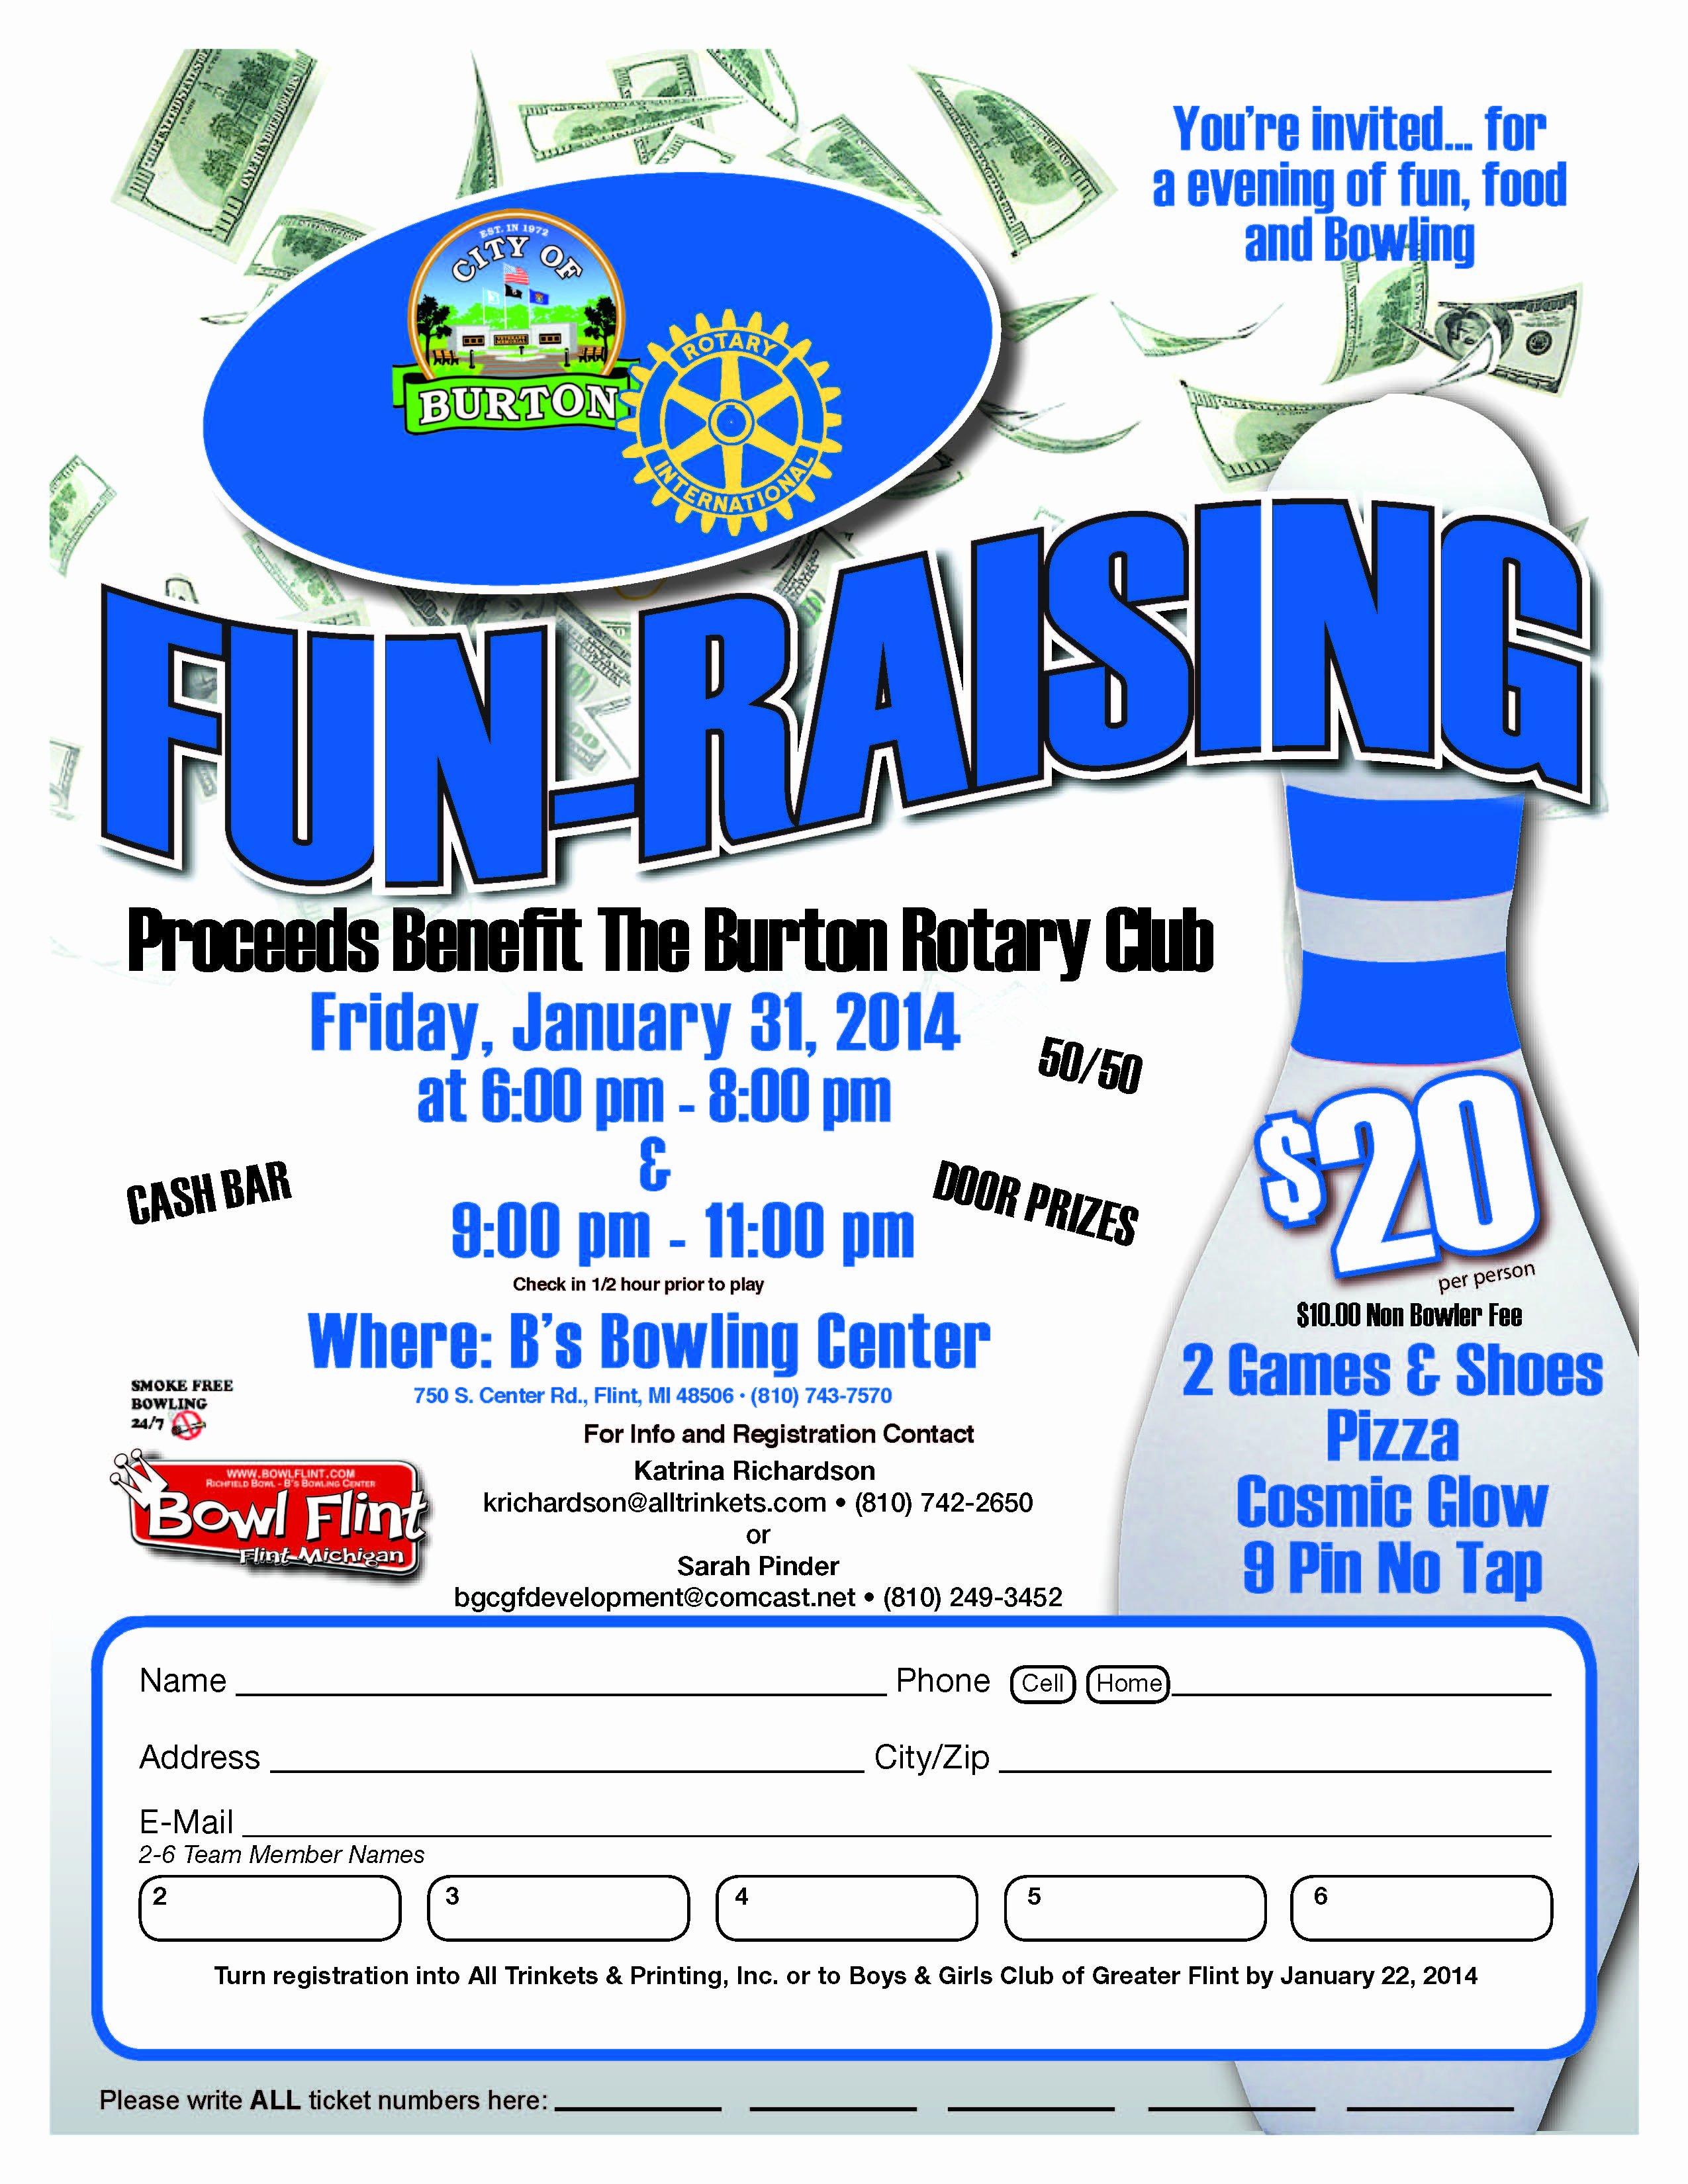 Bowling Fundraiser Flyer Template New 10 Best S Of softball Flyer Ideas softball Flyer Template Baseball Fundraiser Flyer